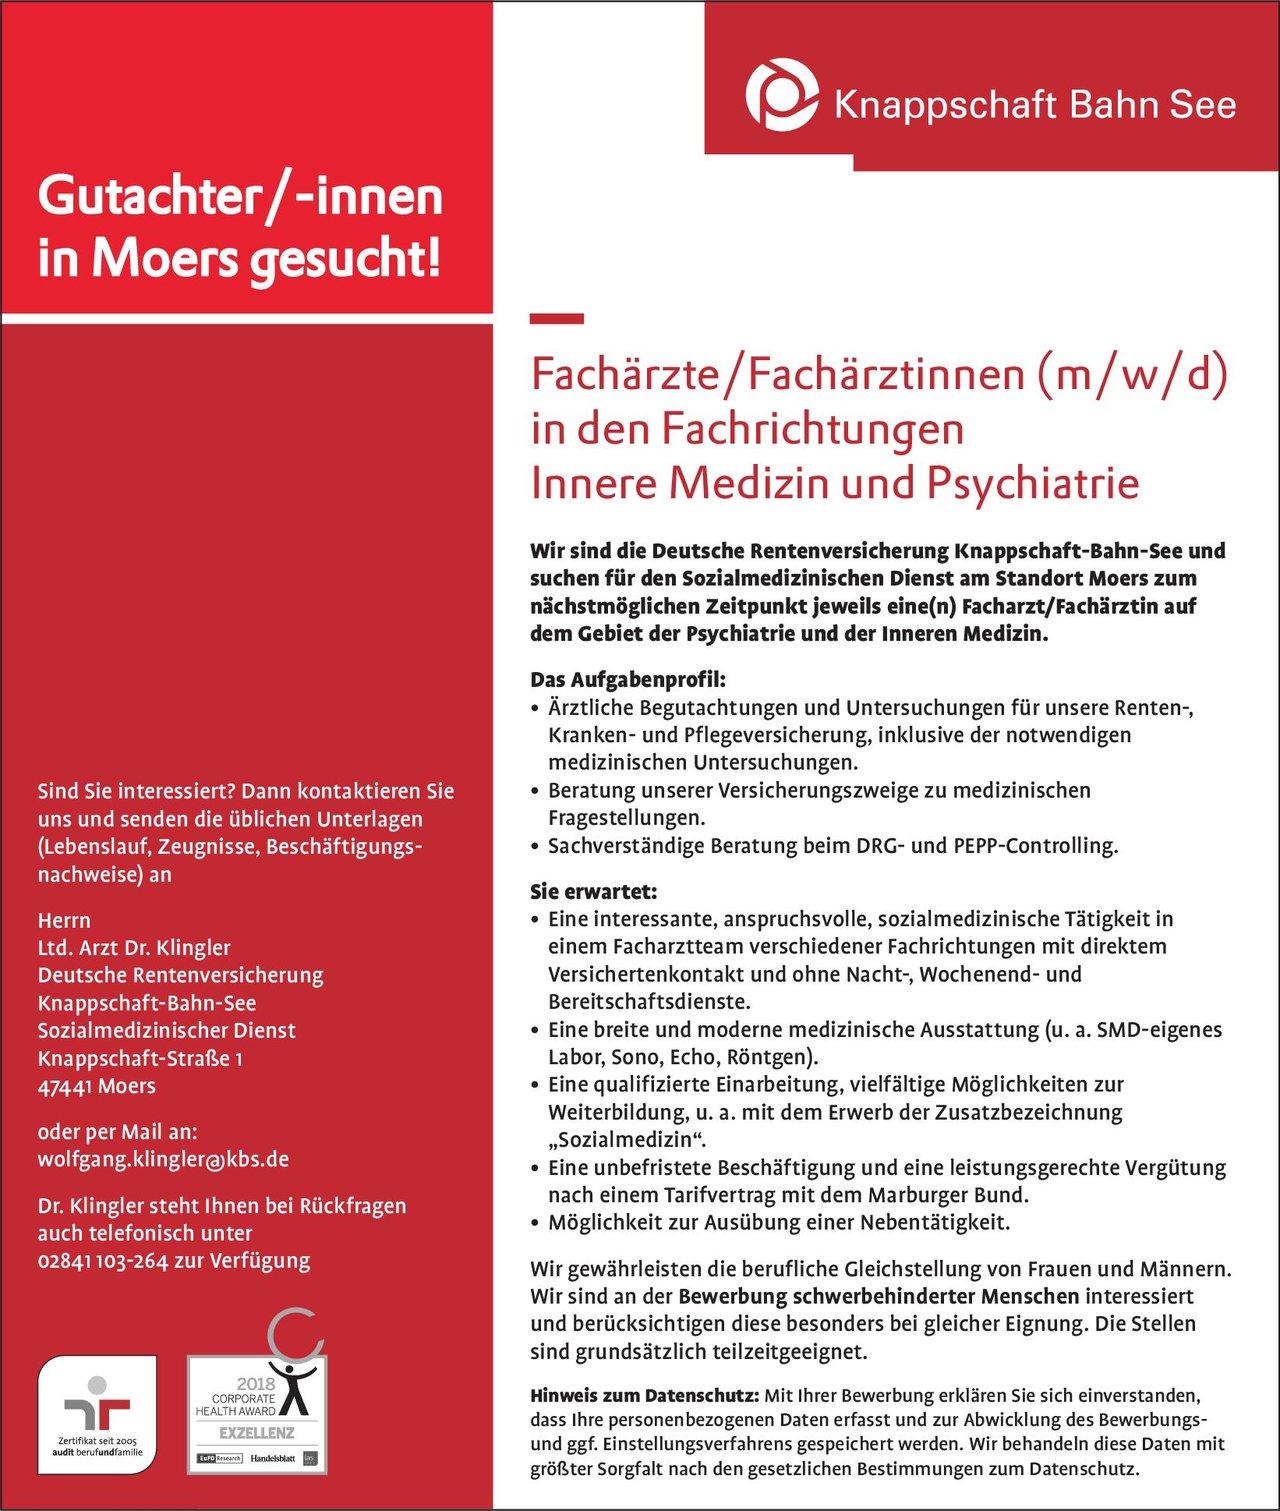 Deutsche Rentenversicherung Knappschaft-Bahn-See Fachärzte/Fachärztinnen (m/w/d) Psychiatrie  Psychiatrie und Psychotherapie, Psychiatrie und Psychotherapie Arzt / Facharzt